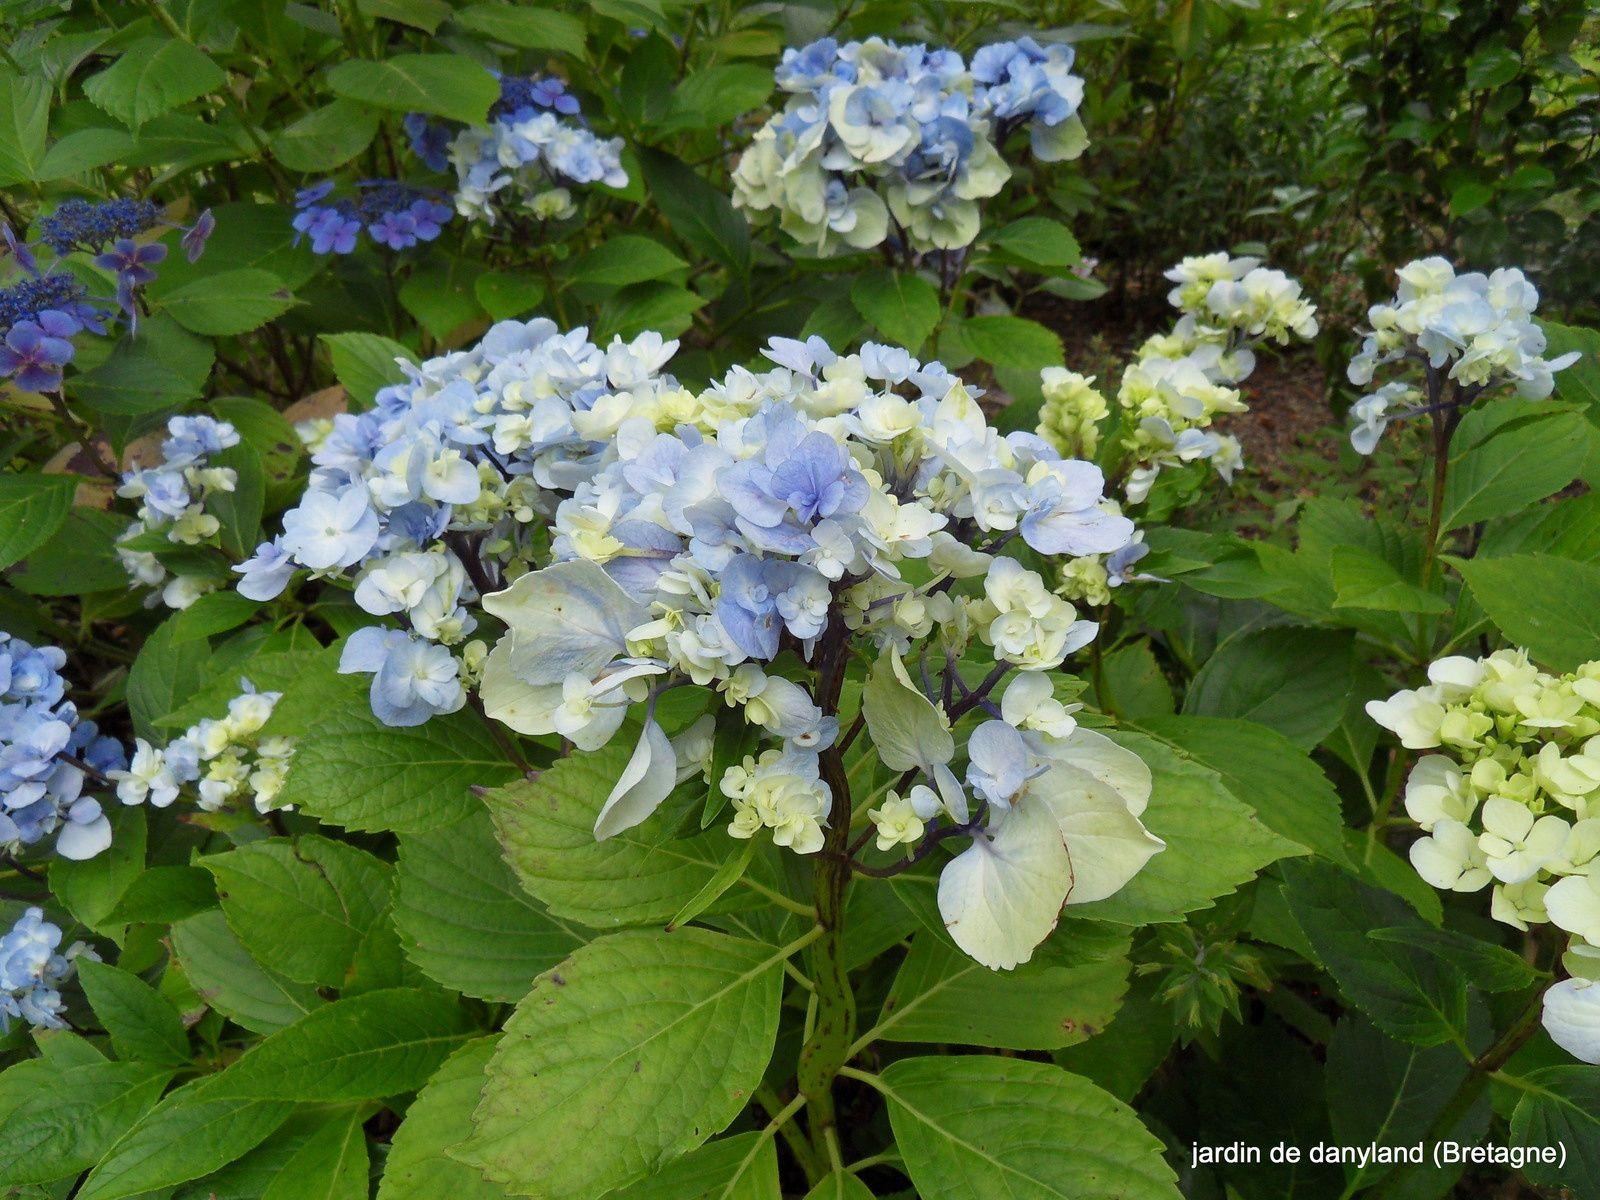 Domotoï est une forme tout à fait exceptionnelle de macrophylla. Fleurs aux nombreux sépales doubles...Vous observerez aussi que les tiges en dessous des inflorescences sont souvent aplaties. C'est une virose qui ne se propage pas sur les autres plantes, car elle est fixée à cette variété